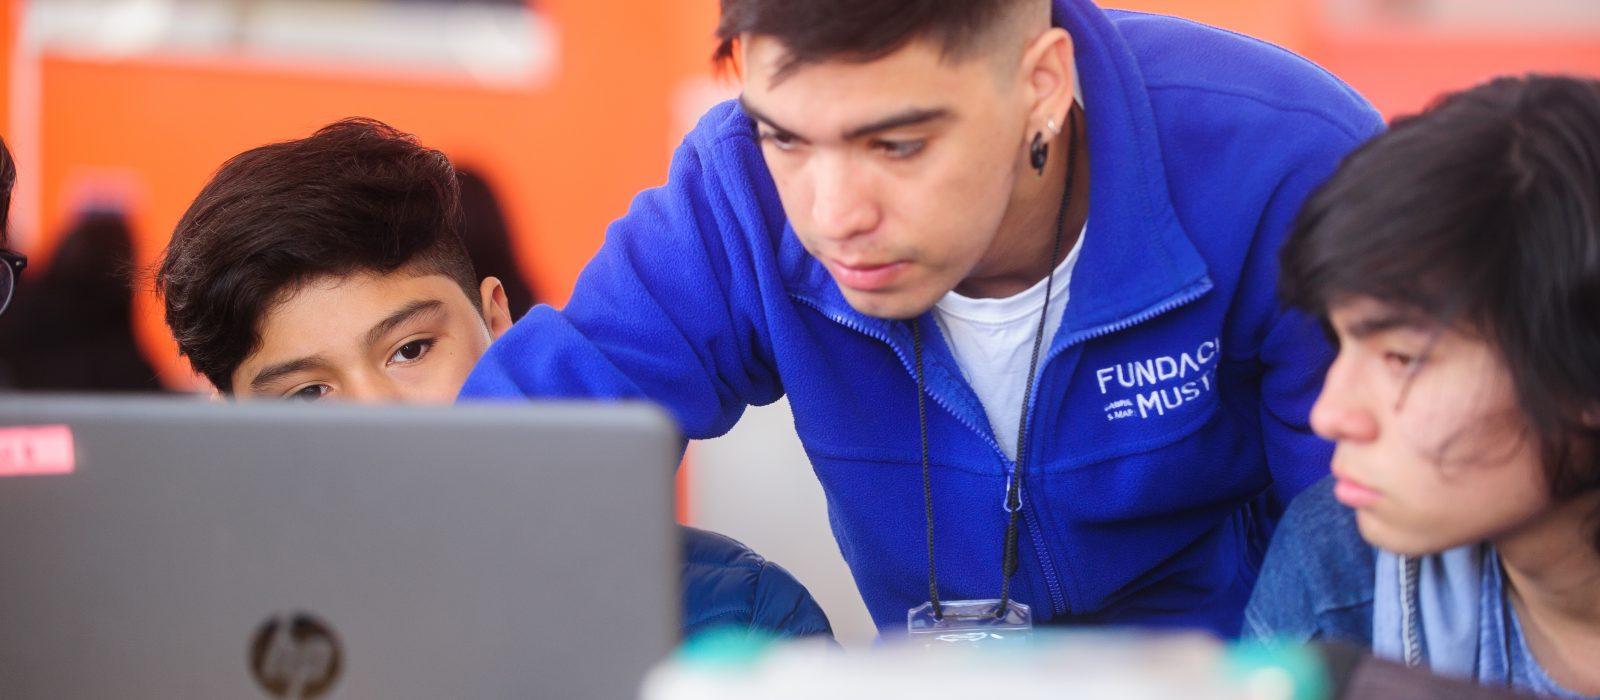 Más de diez mil estudiantes podrán aprender a programar con esta beca